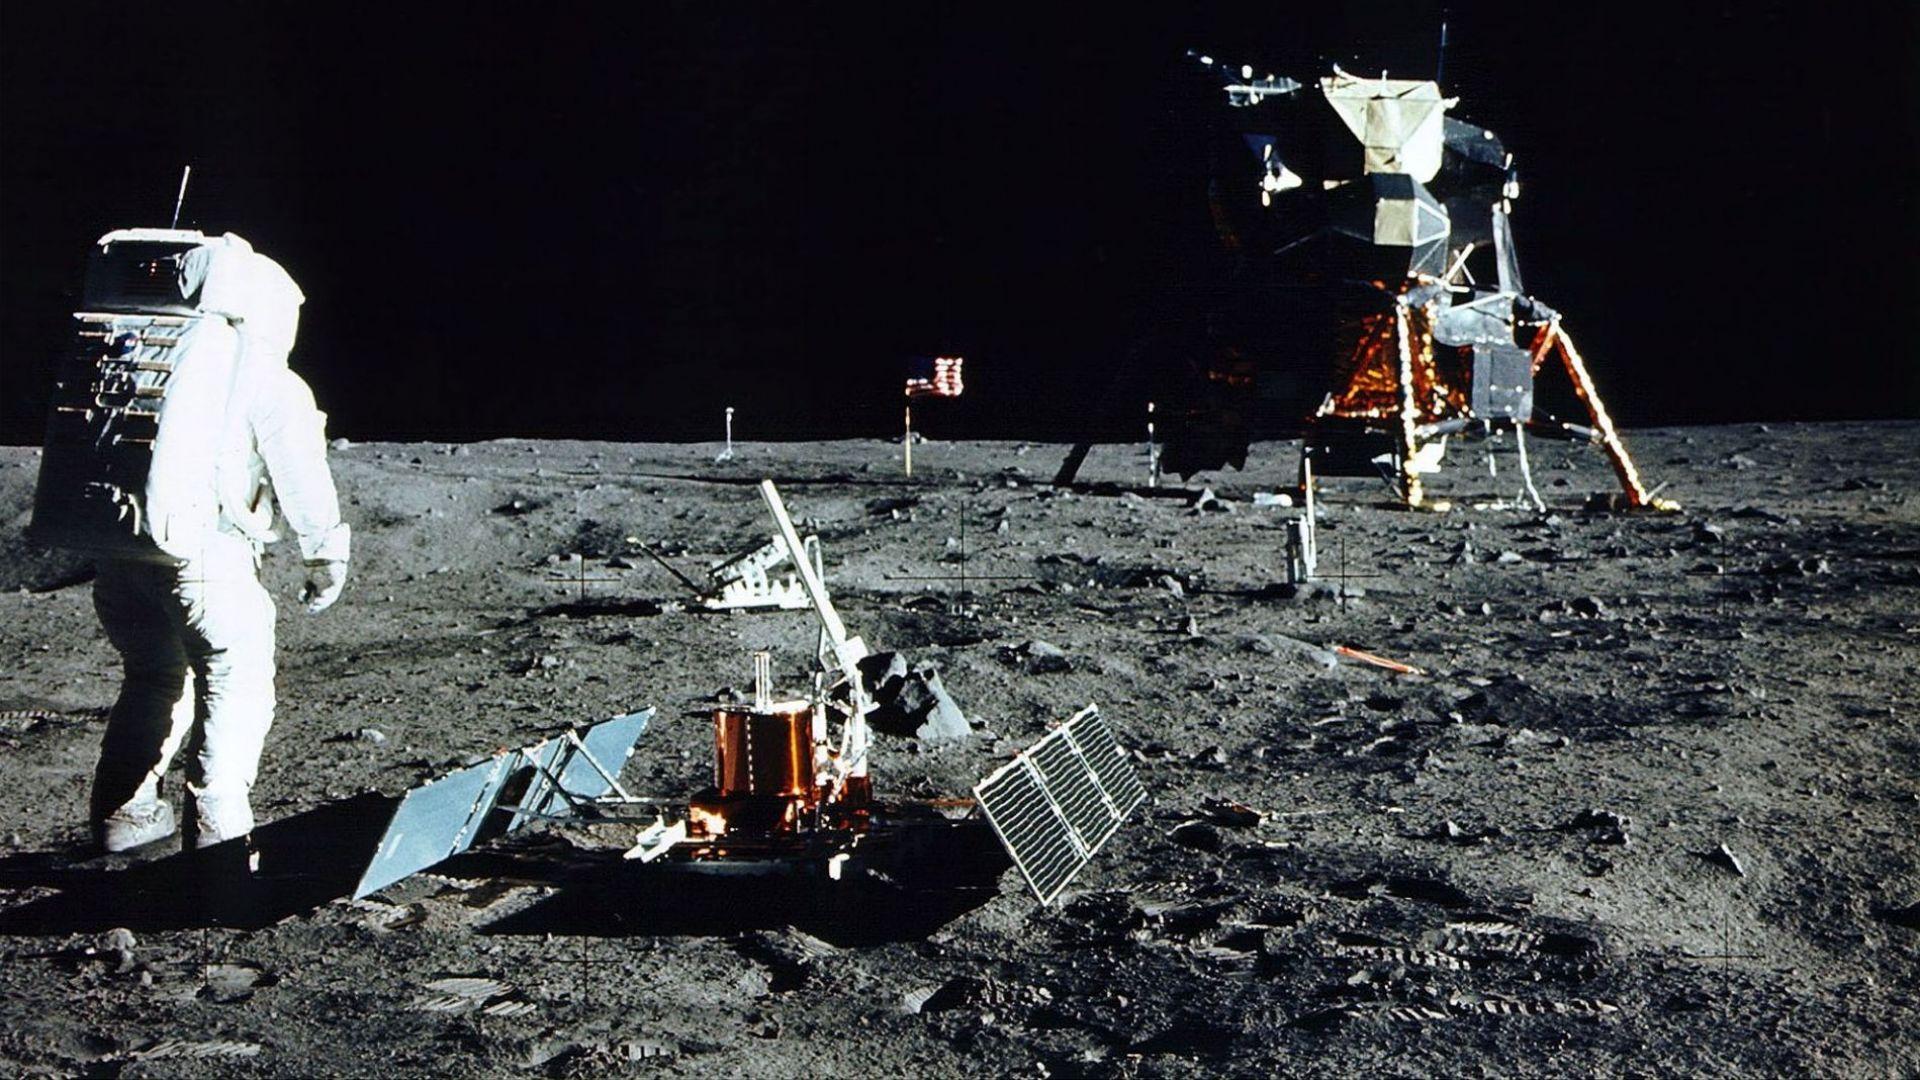 Тръмп поиска над 1 милиард долара за пращането на американци на Луната